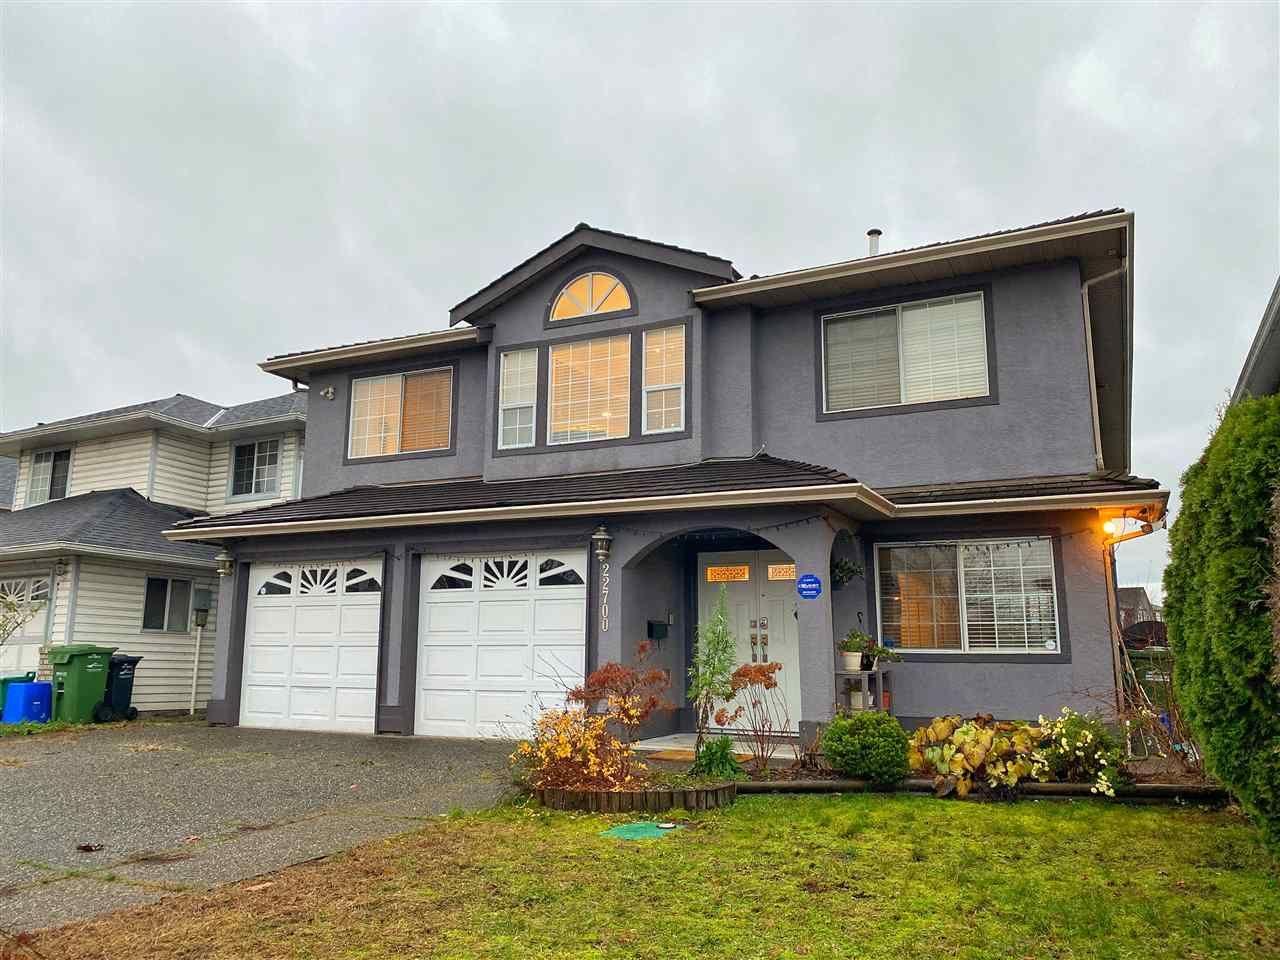 Main Photo: 22700 MCLEAN Avenue in Richmond: Hamilton RI House for sale : MLS®# R2520718